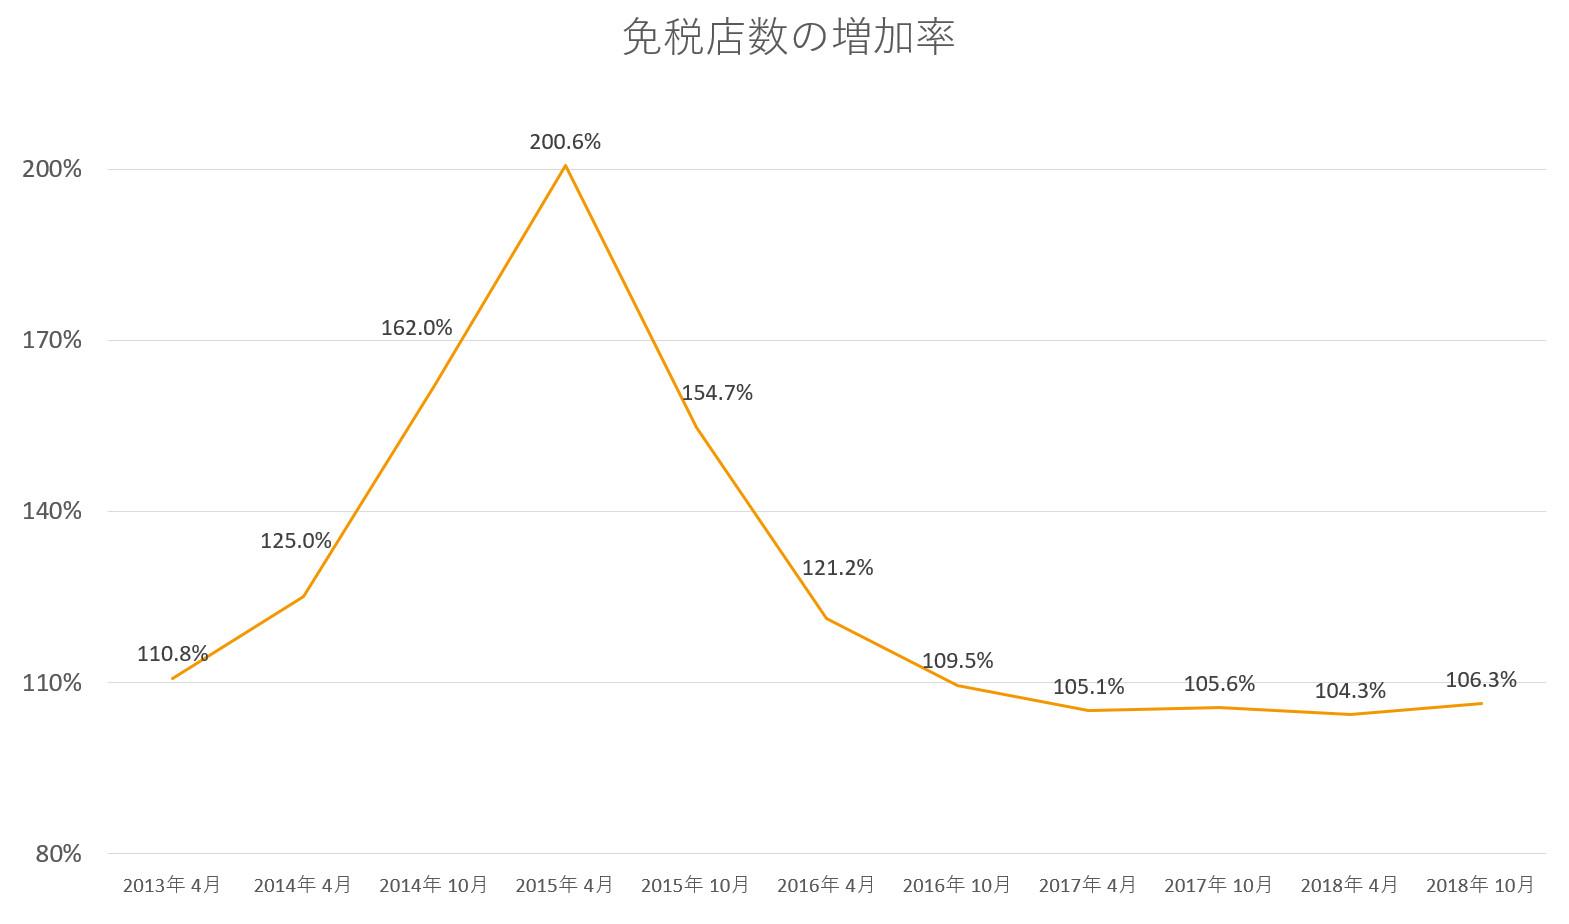 免税店増加率 2018 10